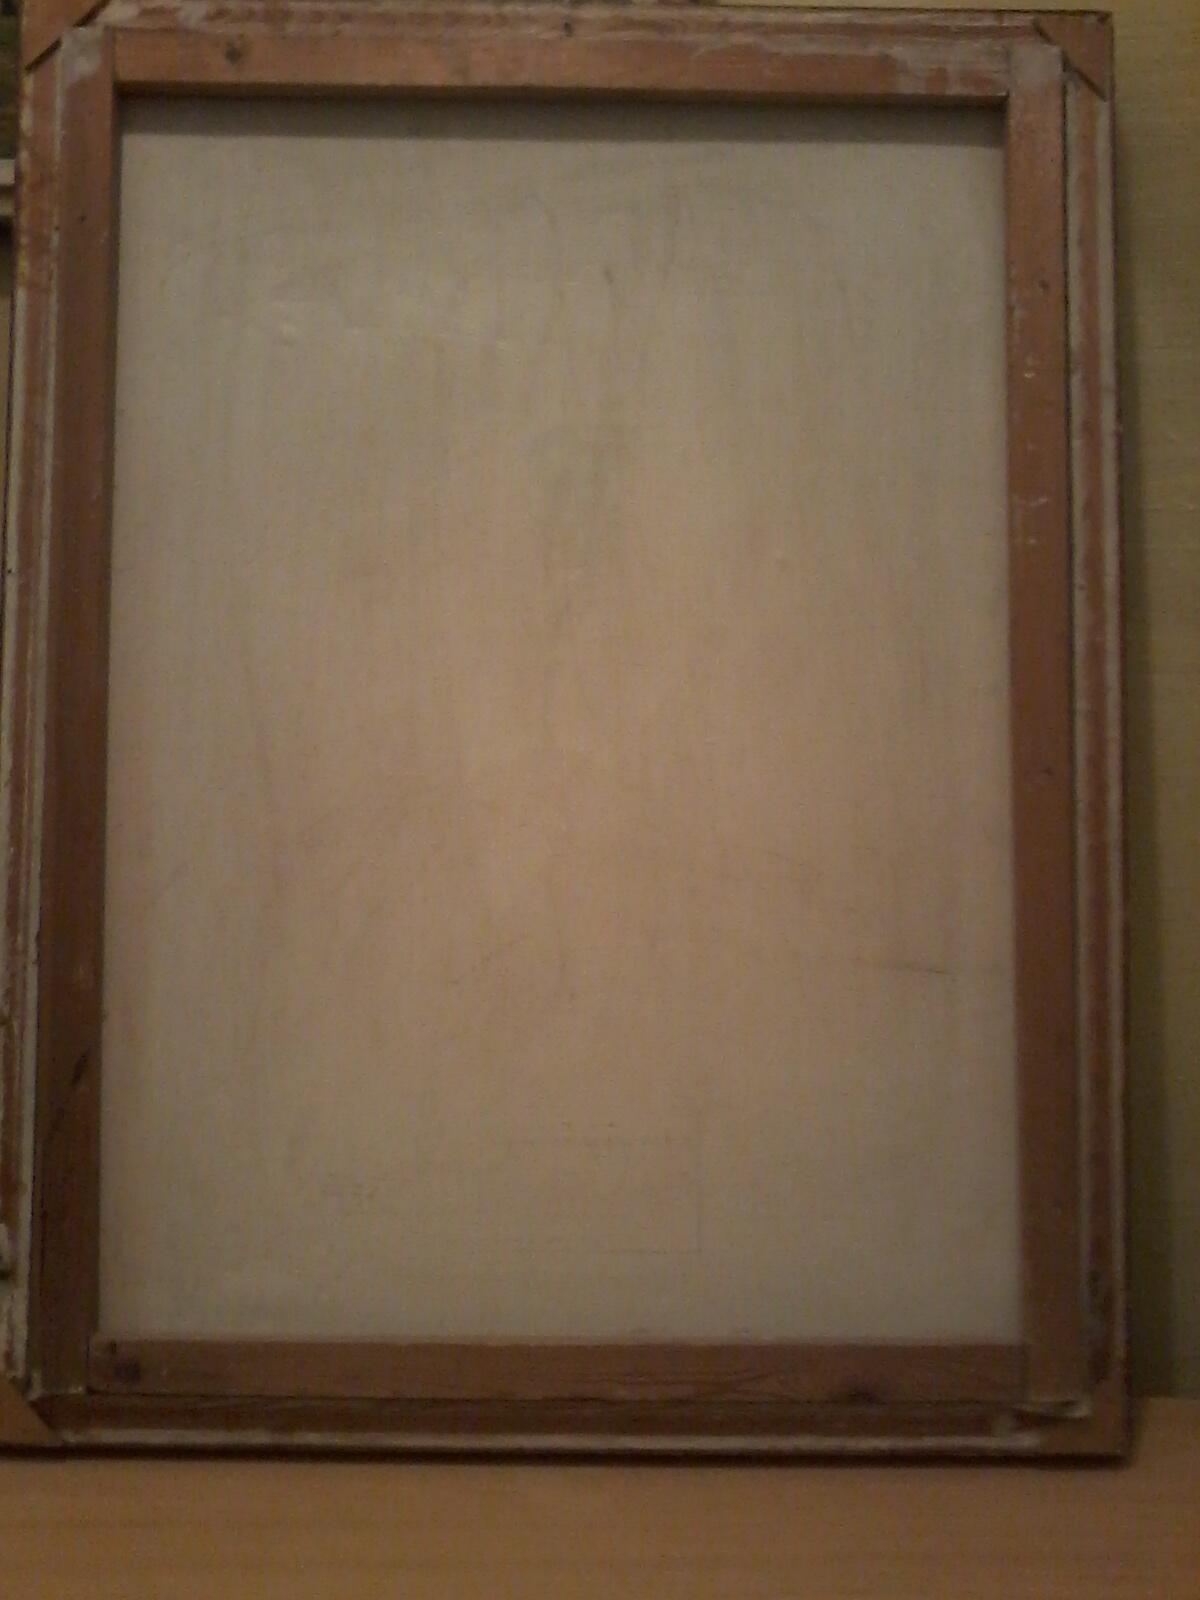 Портрет Чехова 80-60 см., холст, масло 1950-1960е  - 1